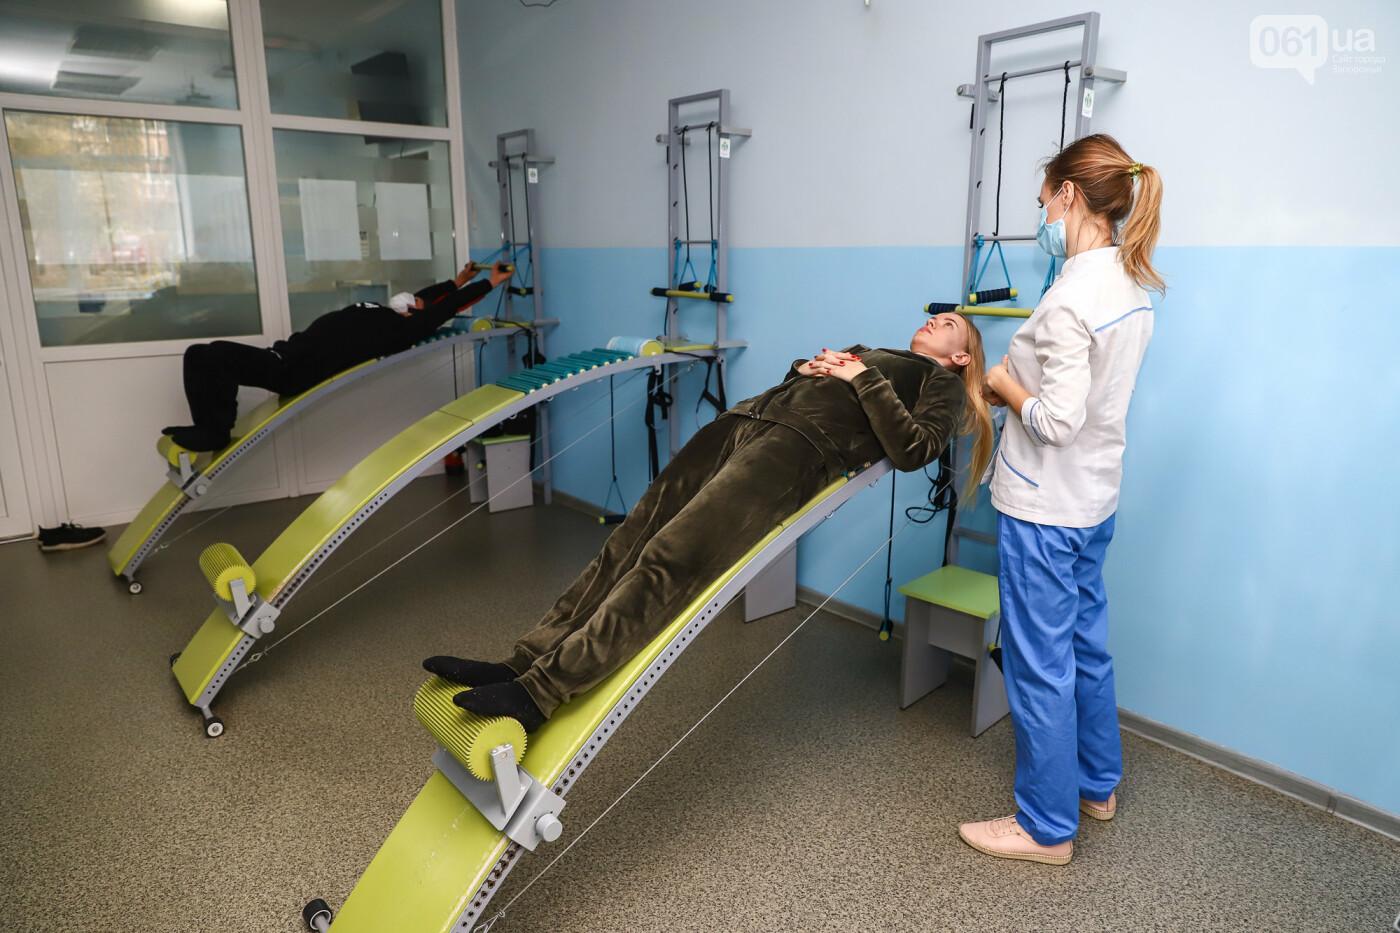 3D-исследование и уникальные тренажеры: как в запорожской клинике OrtoSano лечат болезни позвоночника и суставов, фото-18